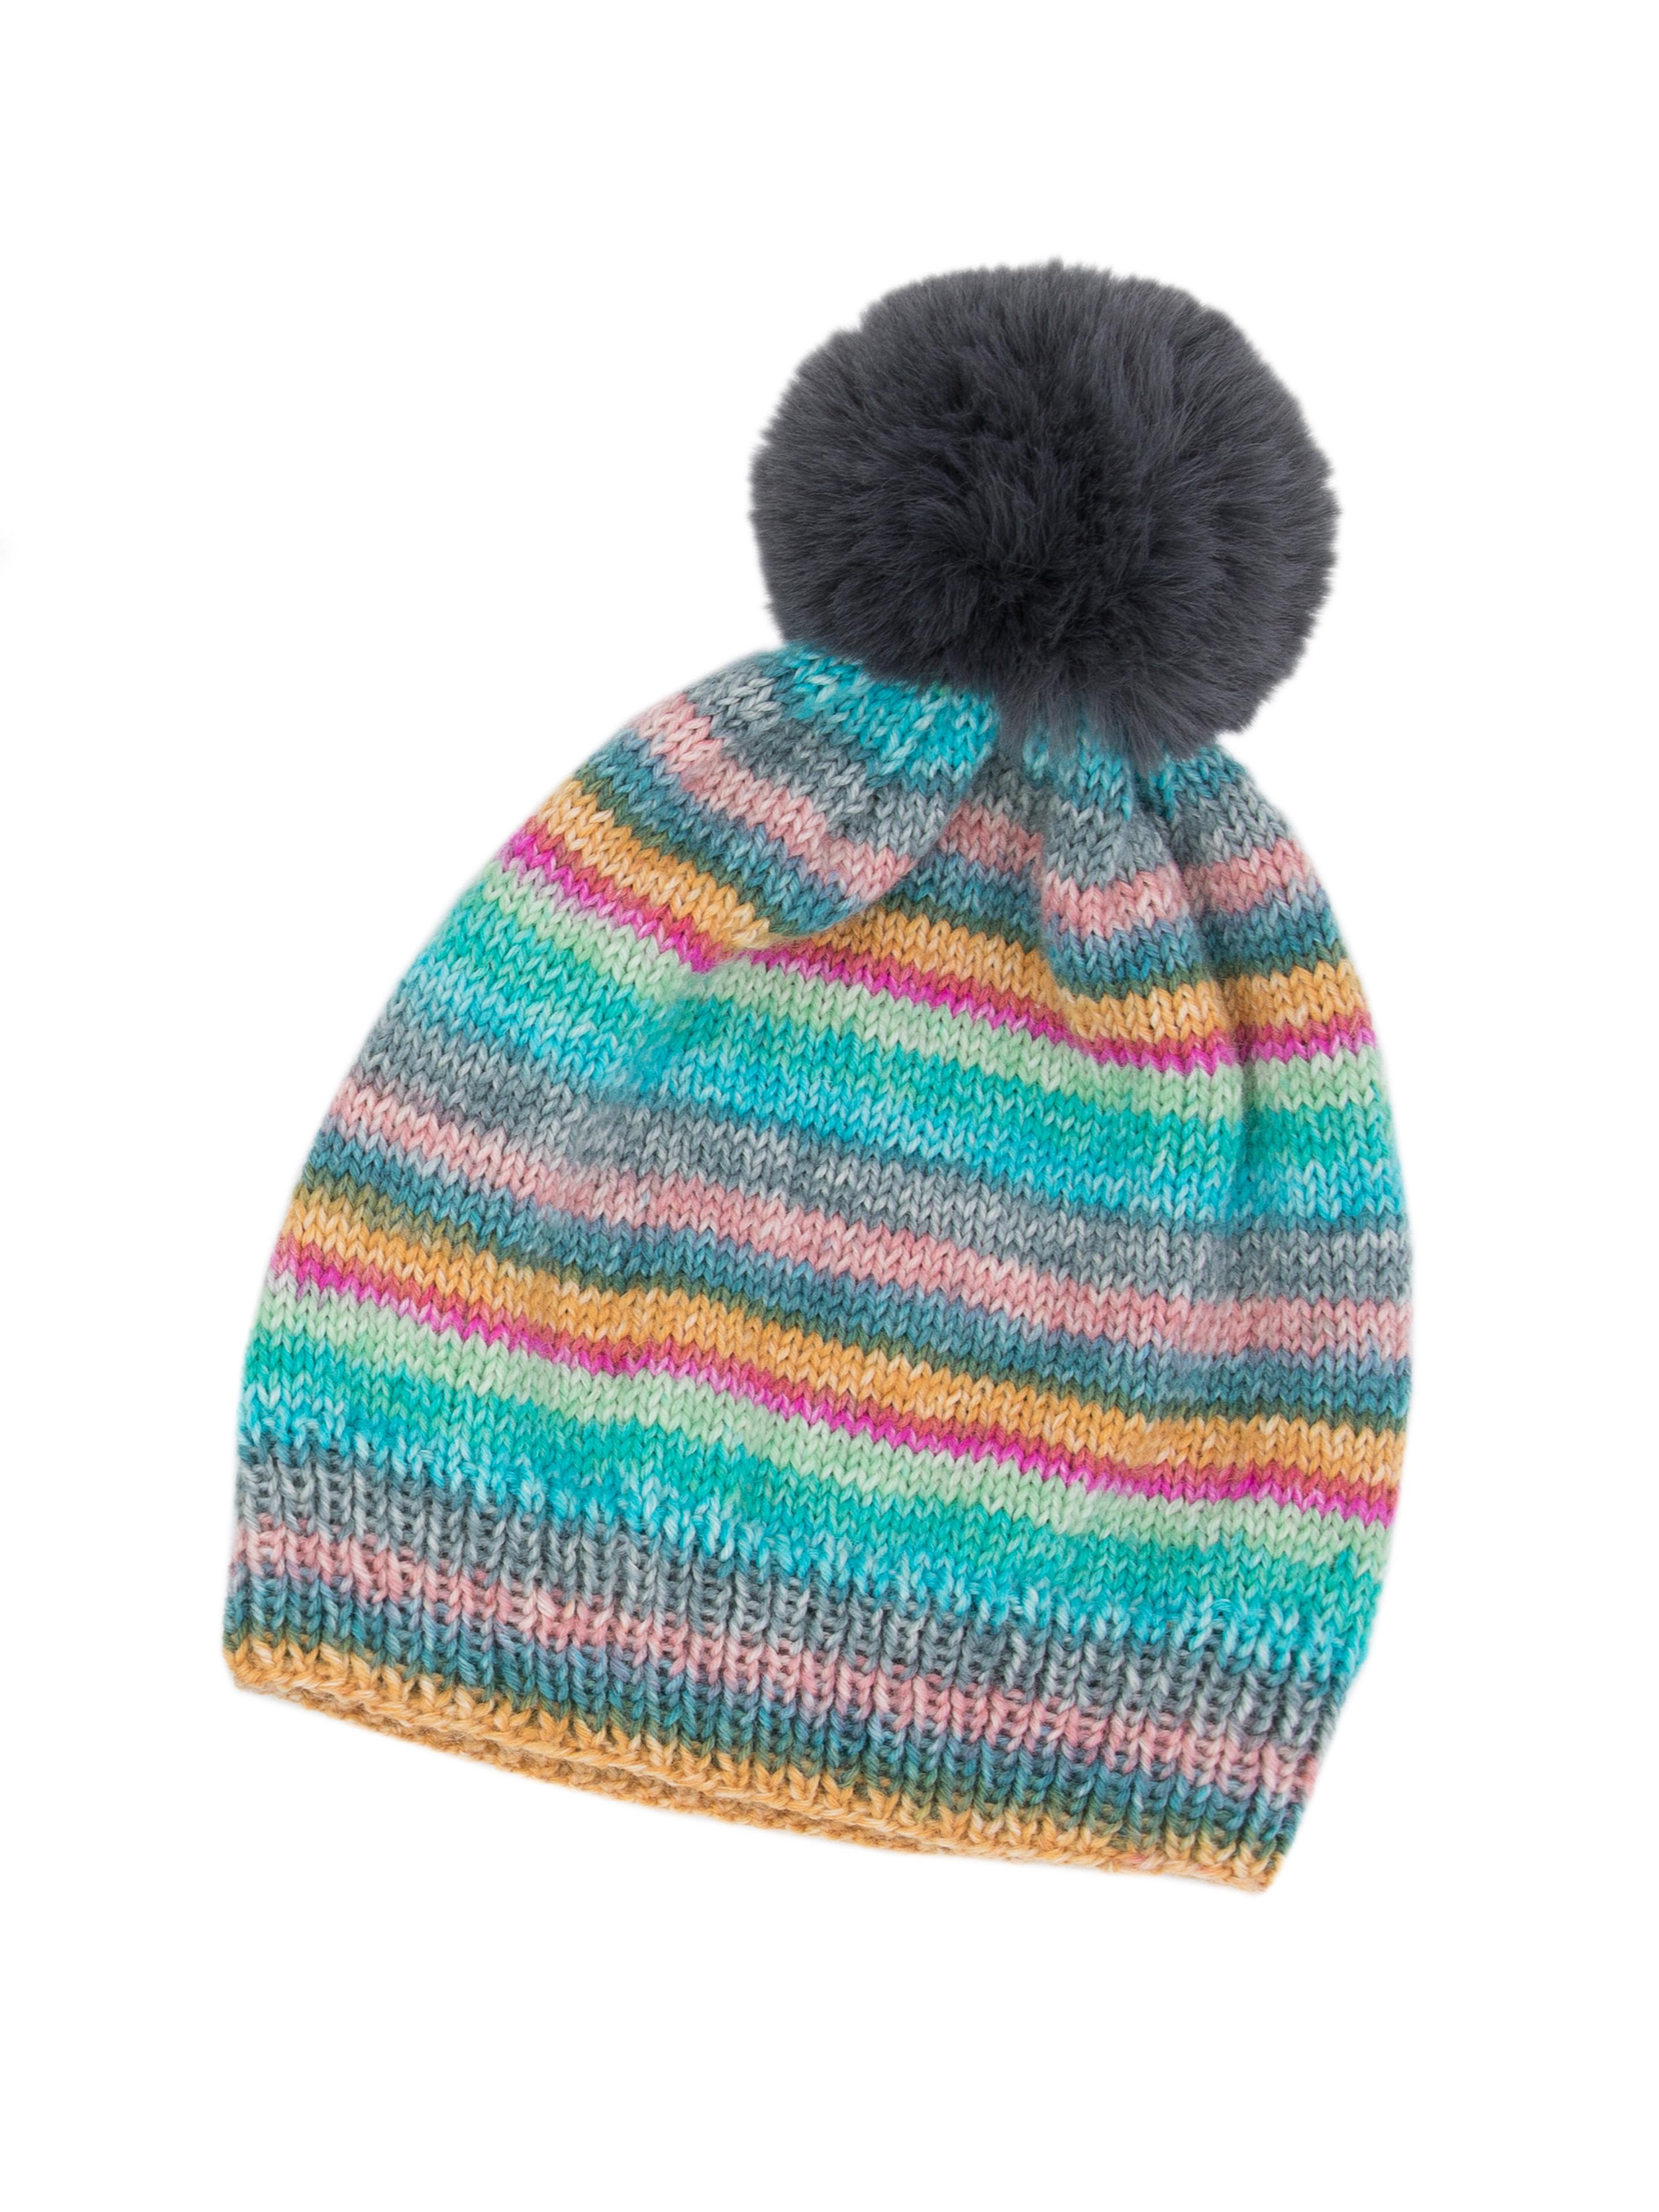 Bunt gestrickte Mütze mit Bommel und Streifen aus Sockenwolle gestricktaus Hot Socks Madena 6 fach Wolle von Gründl